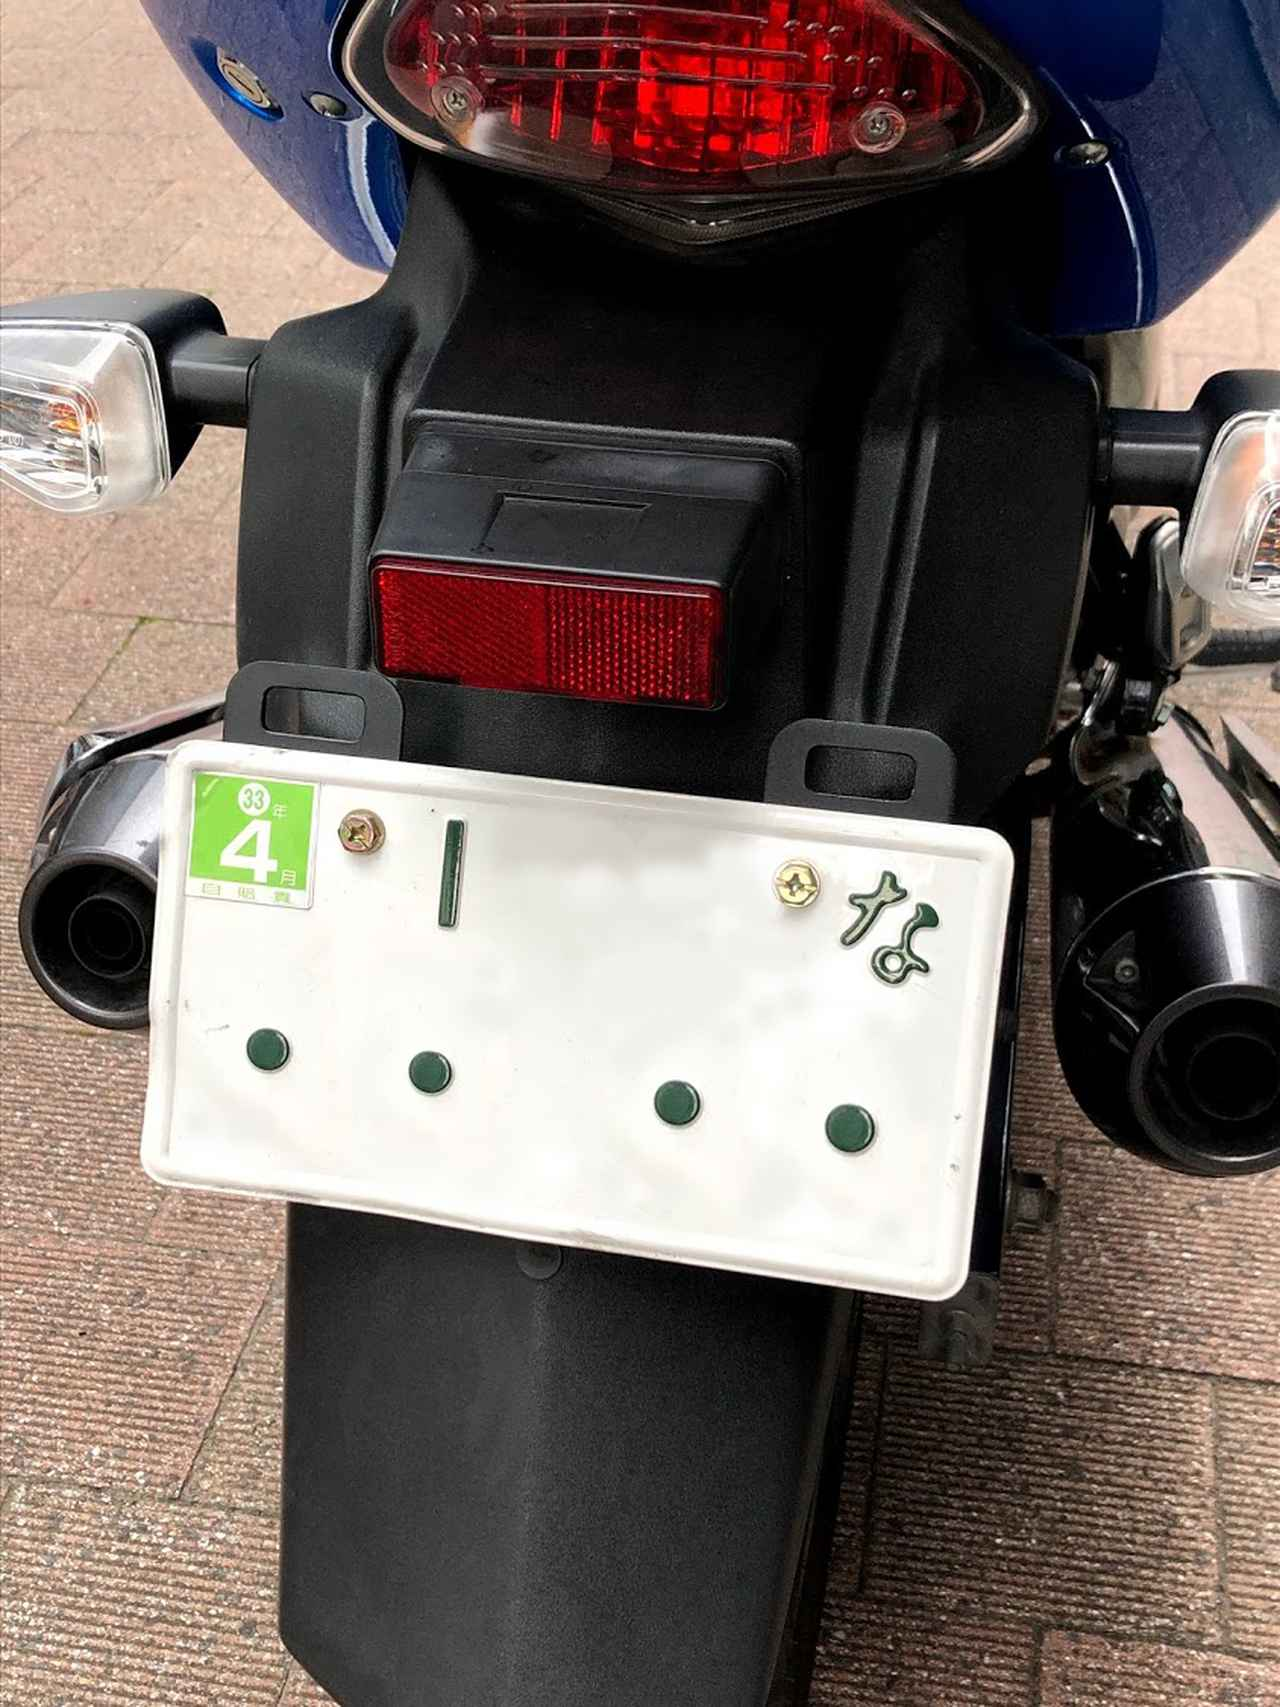 画像3: 今回、追加パーツでピックアップするのは、MOTO FIZZ製プレートフック2(税込価格=1,404円)。取り付け簡単な「カユい所にあったら嬉しい」荷掛けフックです。